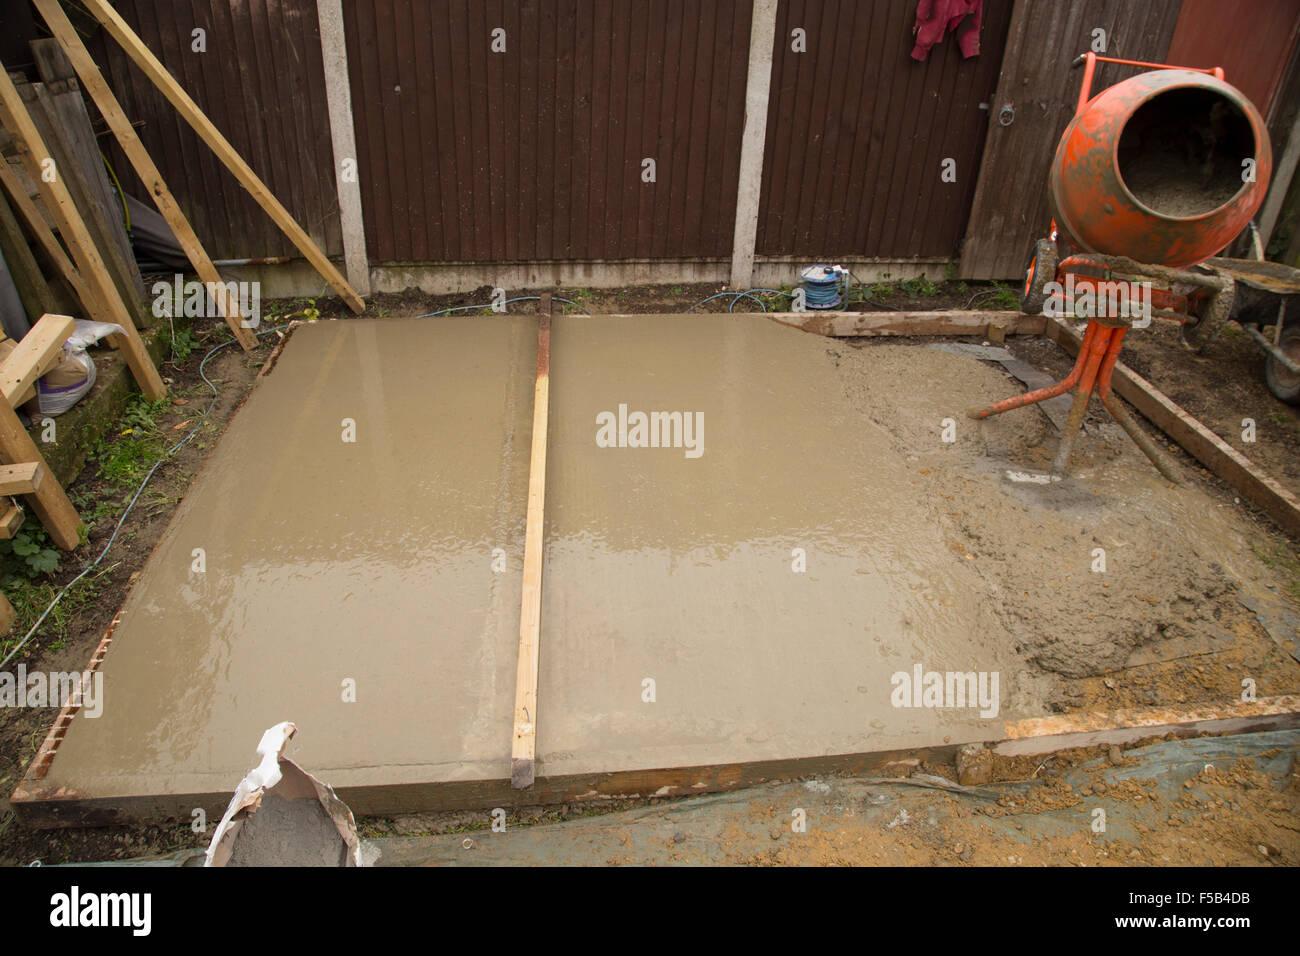 Lissage de ciment d'un base de shed Banque D'Images